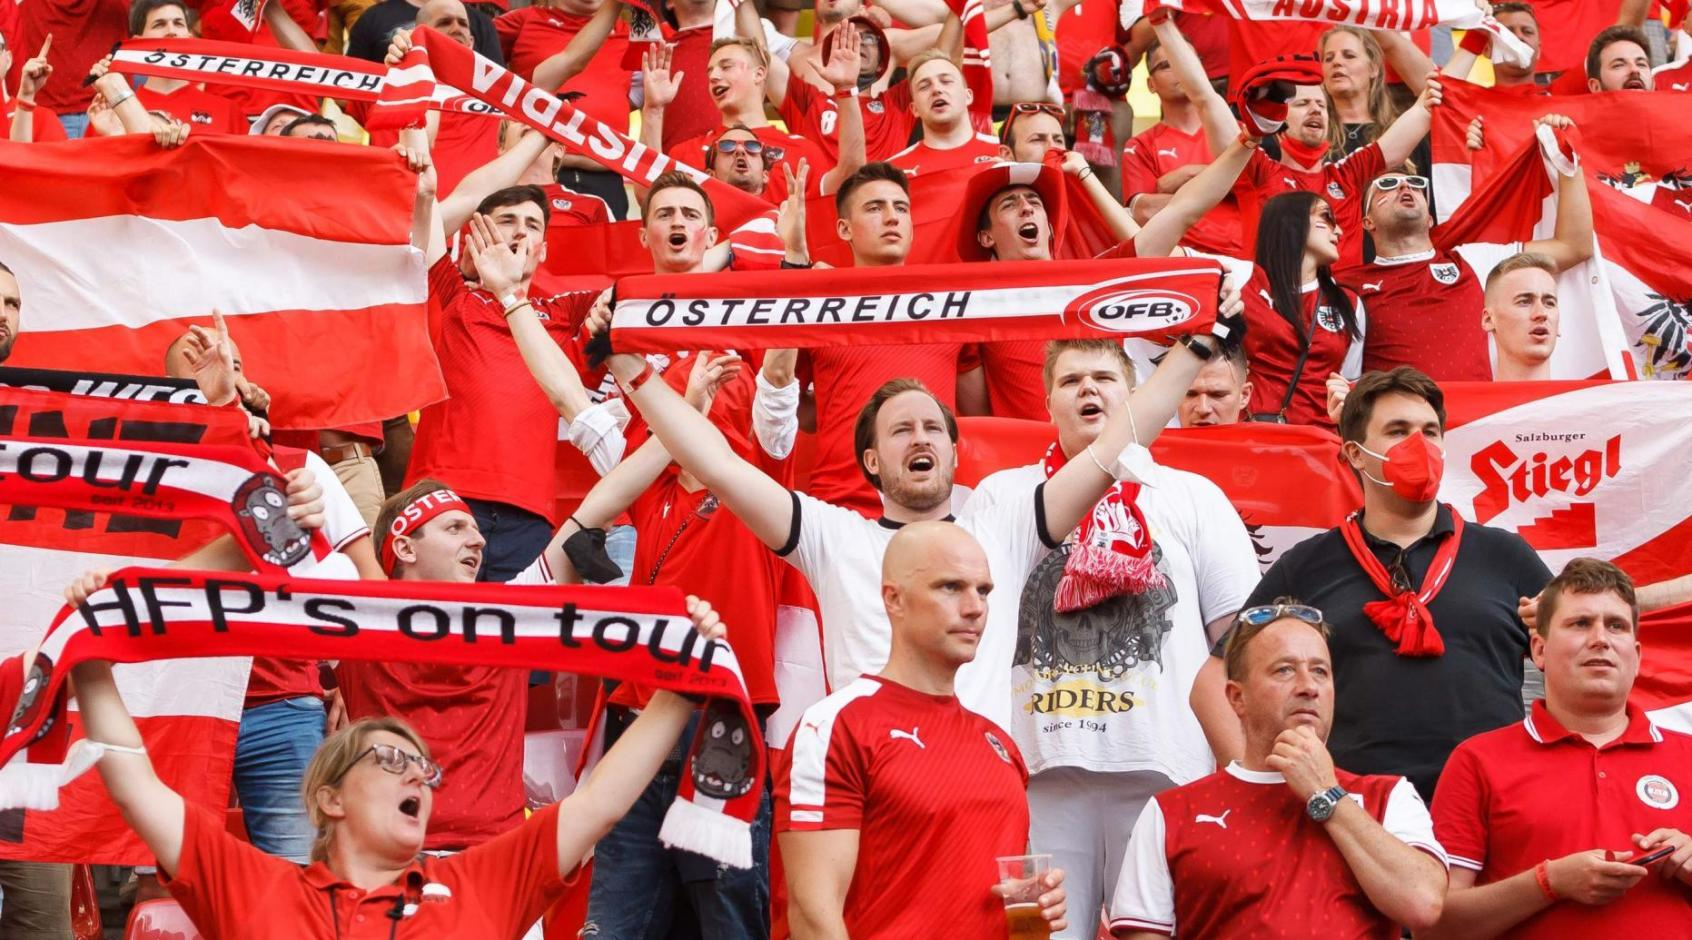 """Австрийские болельщики: """"Пусть украинцы не забывают, что их команда худшая из тех, кто попал в плей-офф"""""""